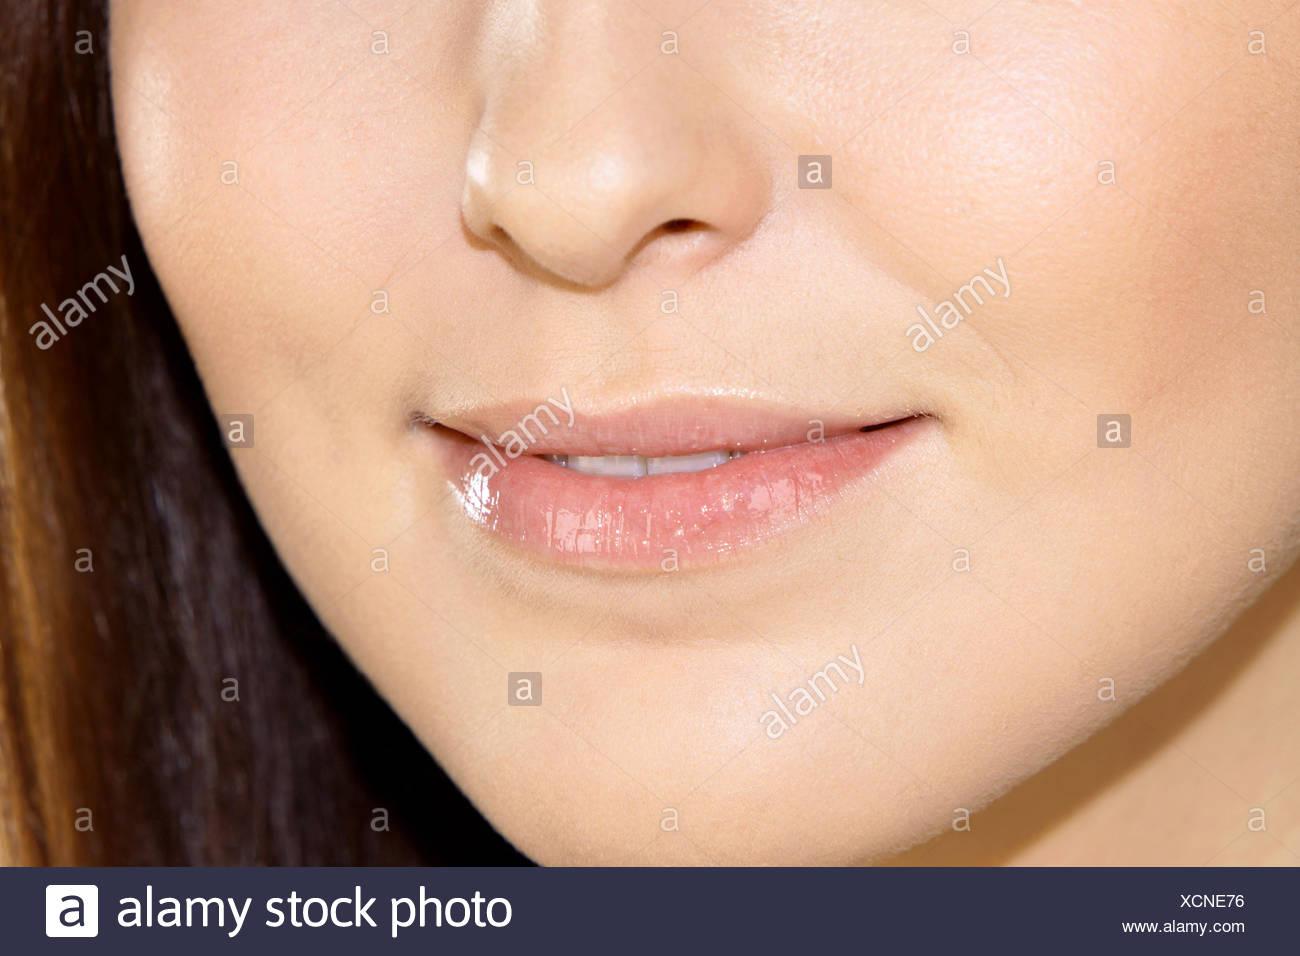 Frau, Jung, Detail, Munder, Nahaufnahme, Innen, Lippen, angetreten, Schoenheit, Schönheit, Natuerlich, Natuerlichkeit, Ausstrahlung Zufr Stockbild